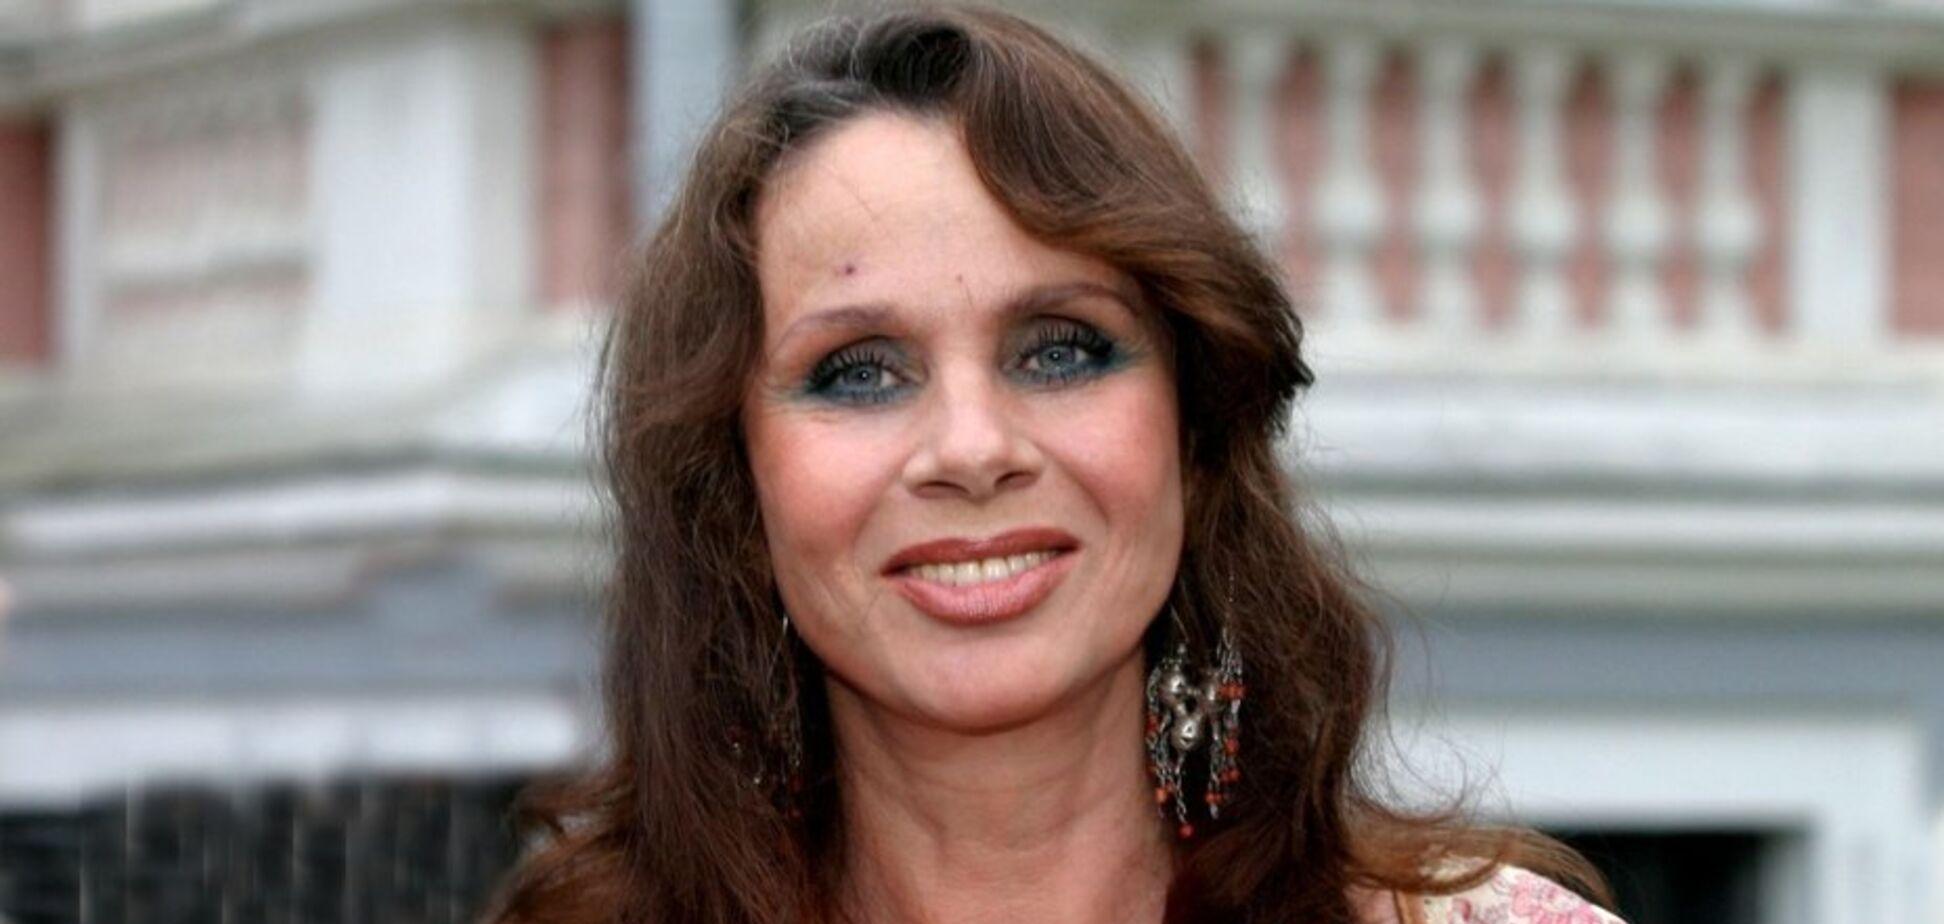 'Яка молода посмішка': як виглядає мама акторки Любові Поліщук